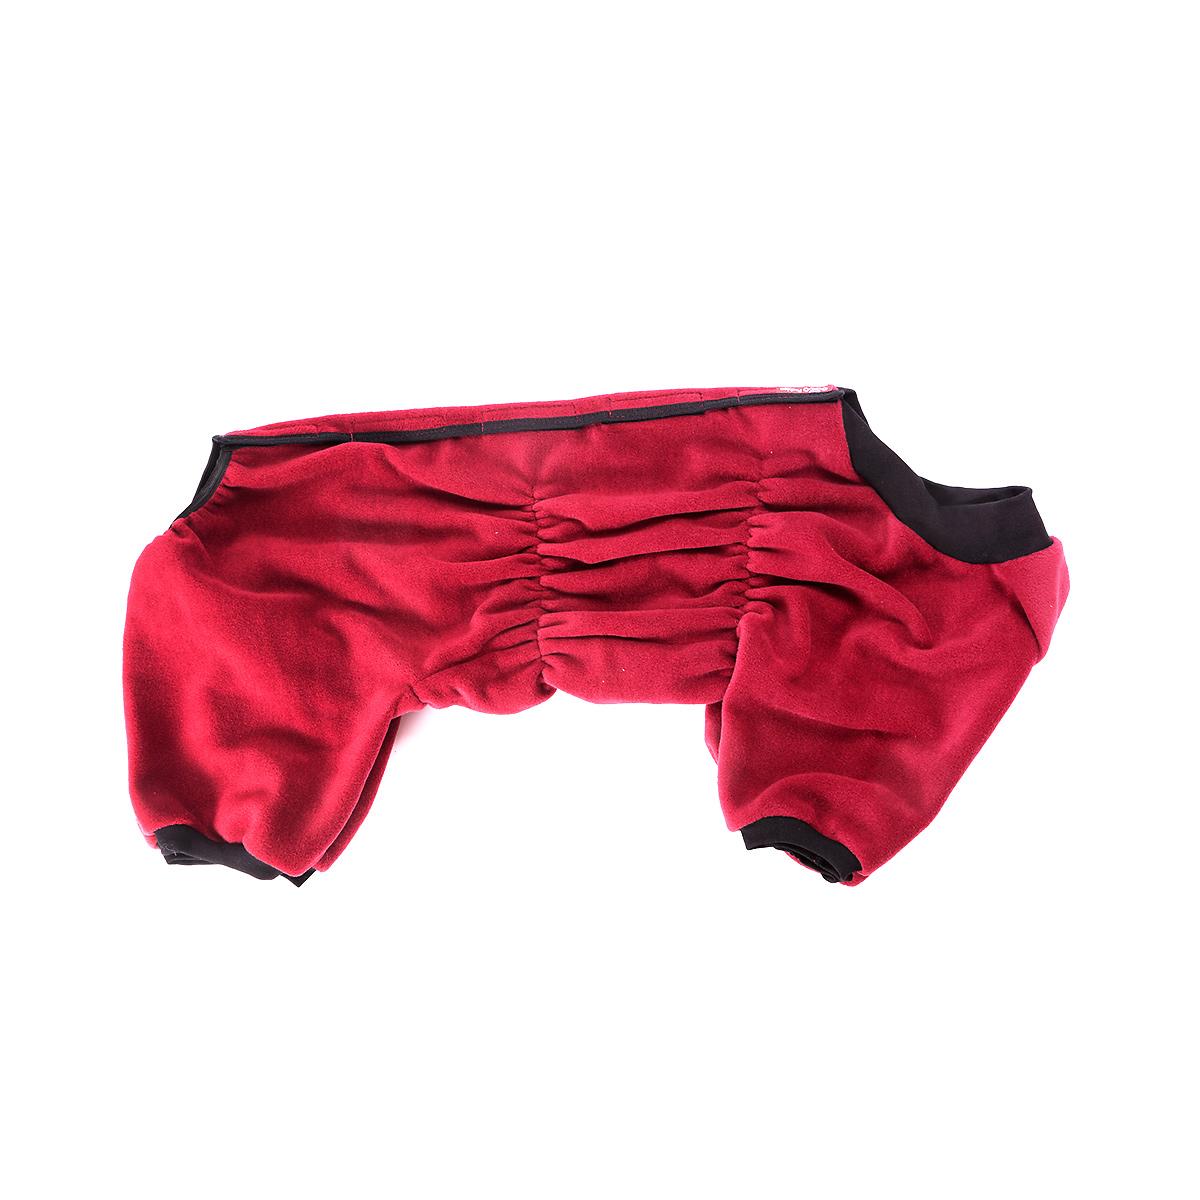 Комбинезон для собак OSSO Fashion, для девочки, цвет: бордовый. Размер 700120710Комбинезон для собак OSSO Fashion выполнен из флиса. Комфортная посадка по корпусу достигается за счет резинок-утяжек под грудью и животом. На воротнике имеются завязки, для дополнительной фиксации. Можно носить самостоятельно и как поддевку под комбинезон для собак. Изделие отлично стирается, быстро сохнет.Длина спинки: 70 см.Объем груди: 74-104 см.